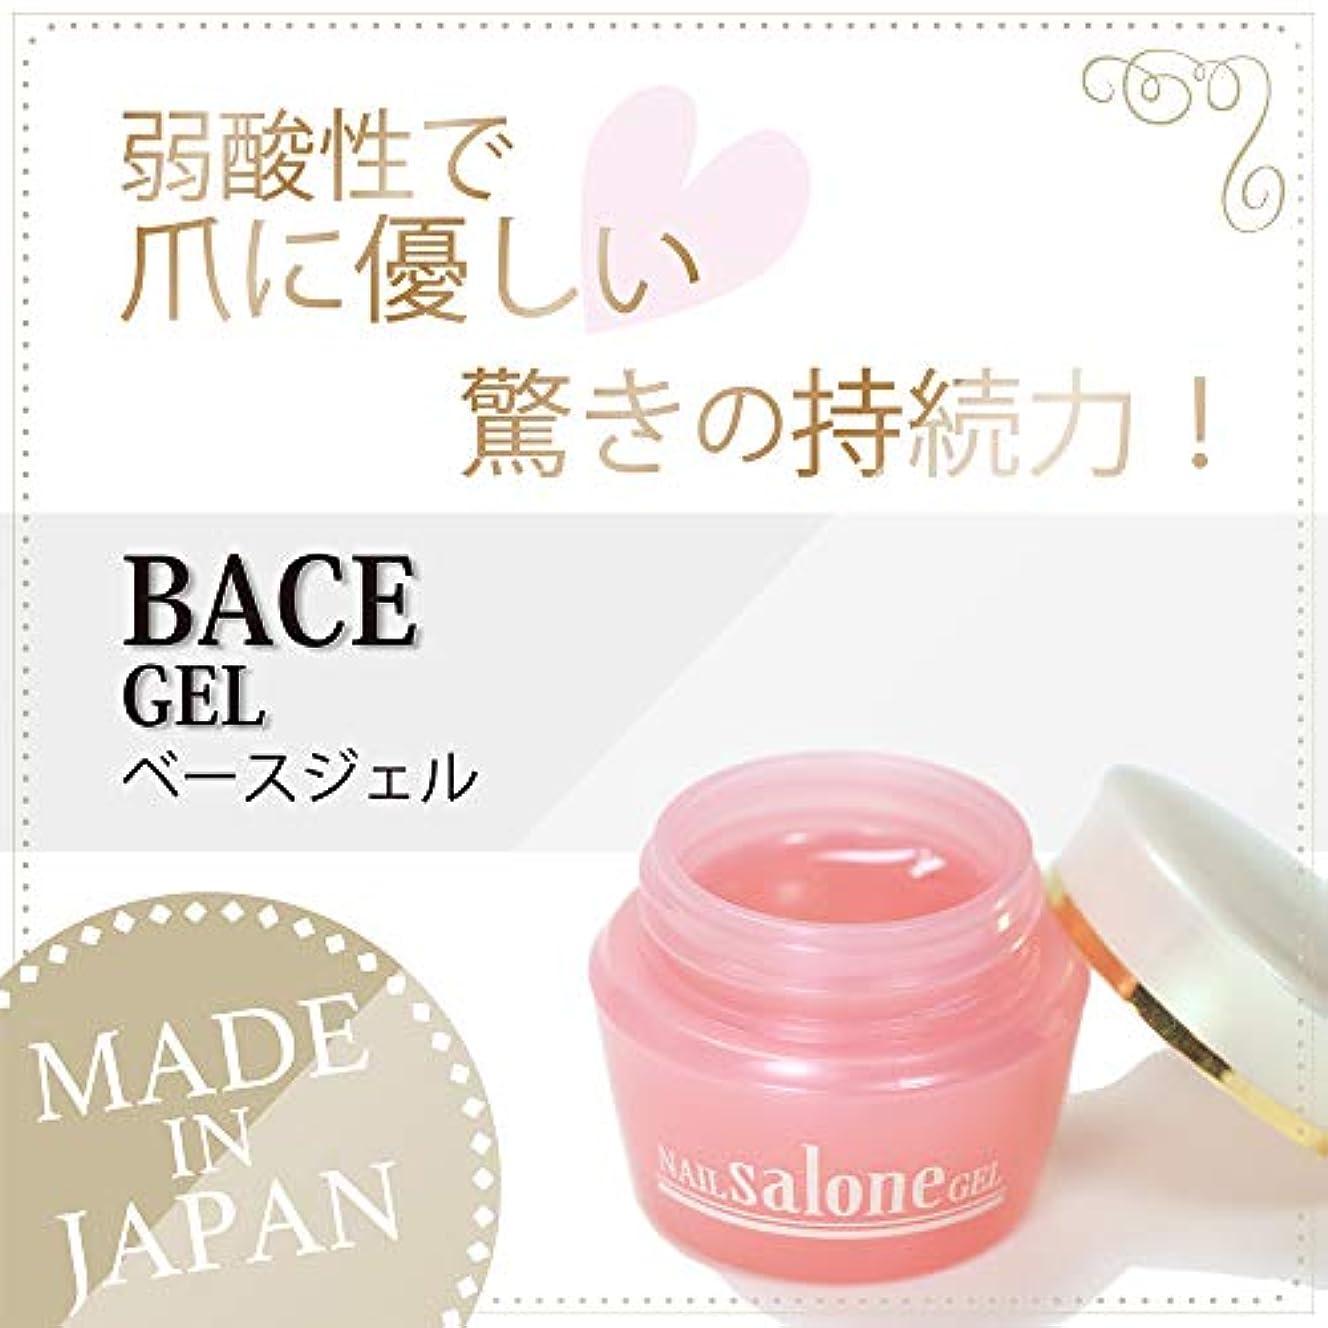 海外アンプ木Salone gel サローネ ベースジェル 爪に優しい 日本製 驚きの密着力 リムーバーでオフも簡単3g